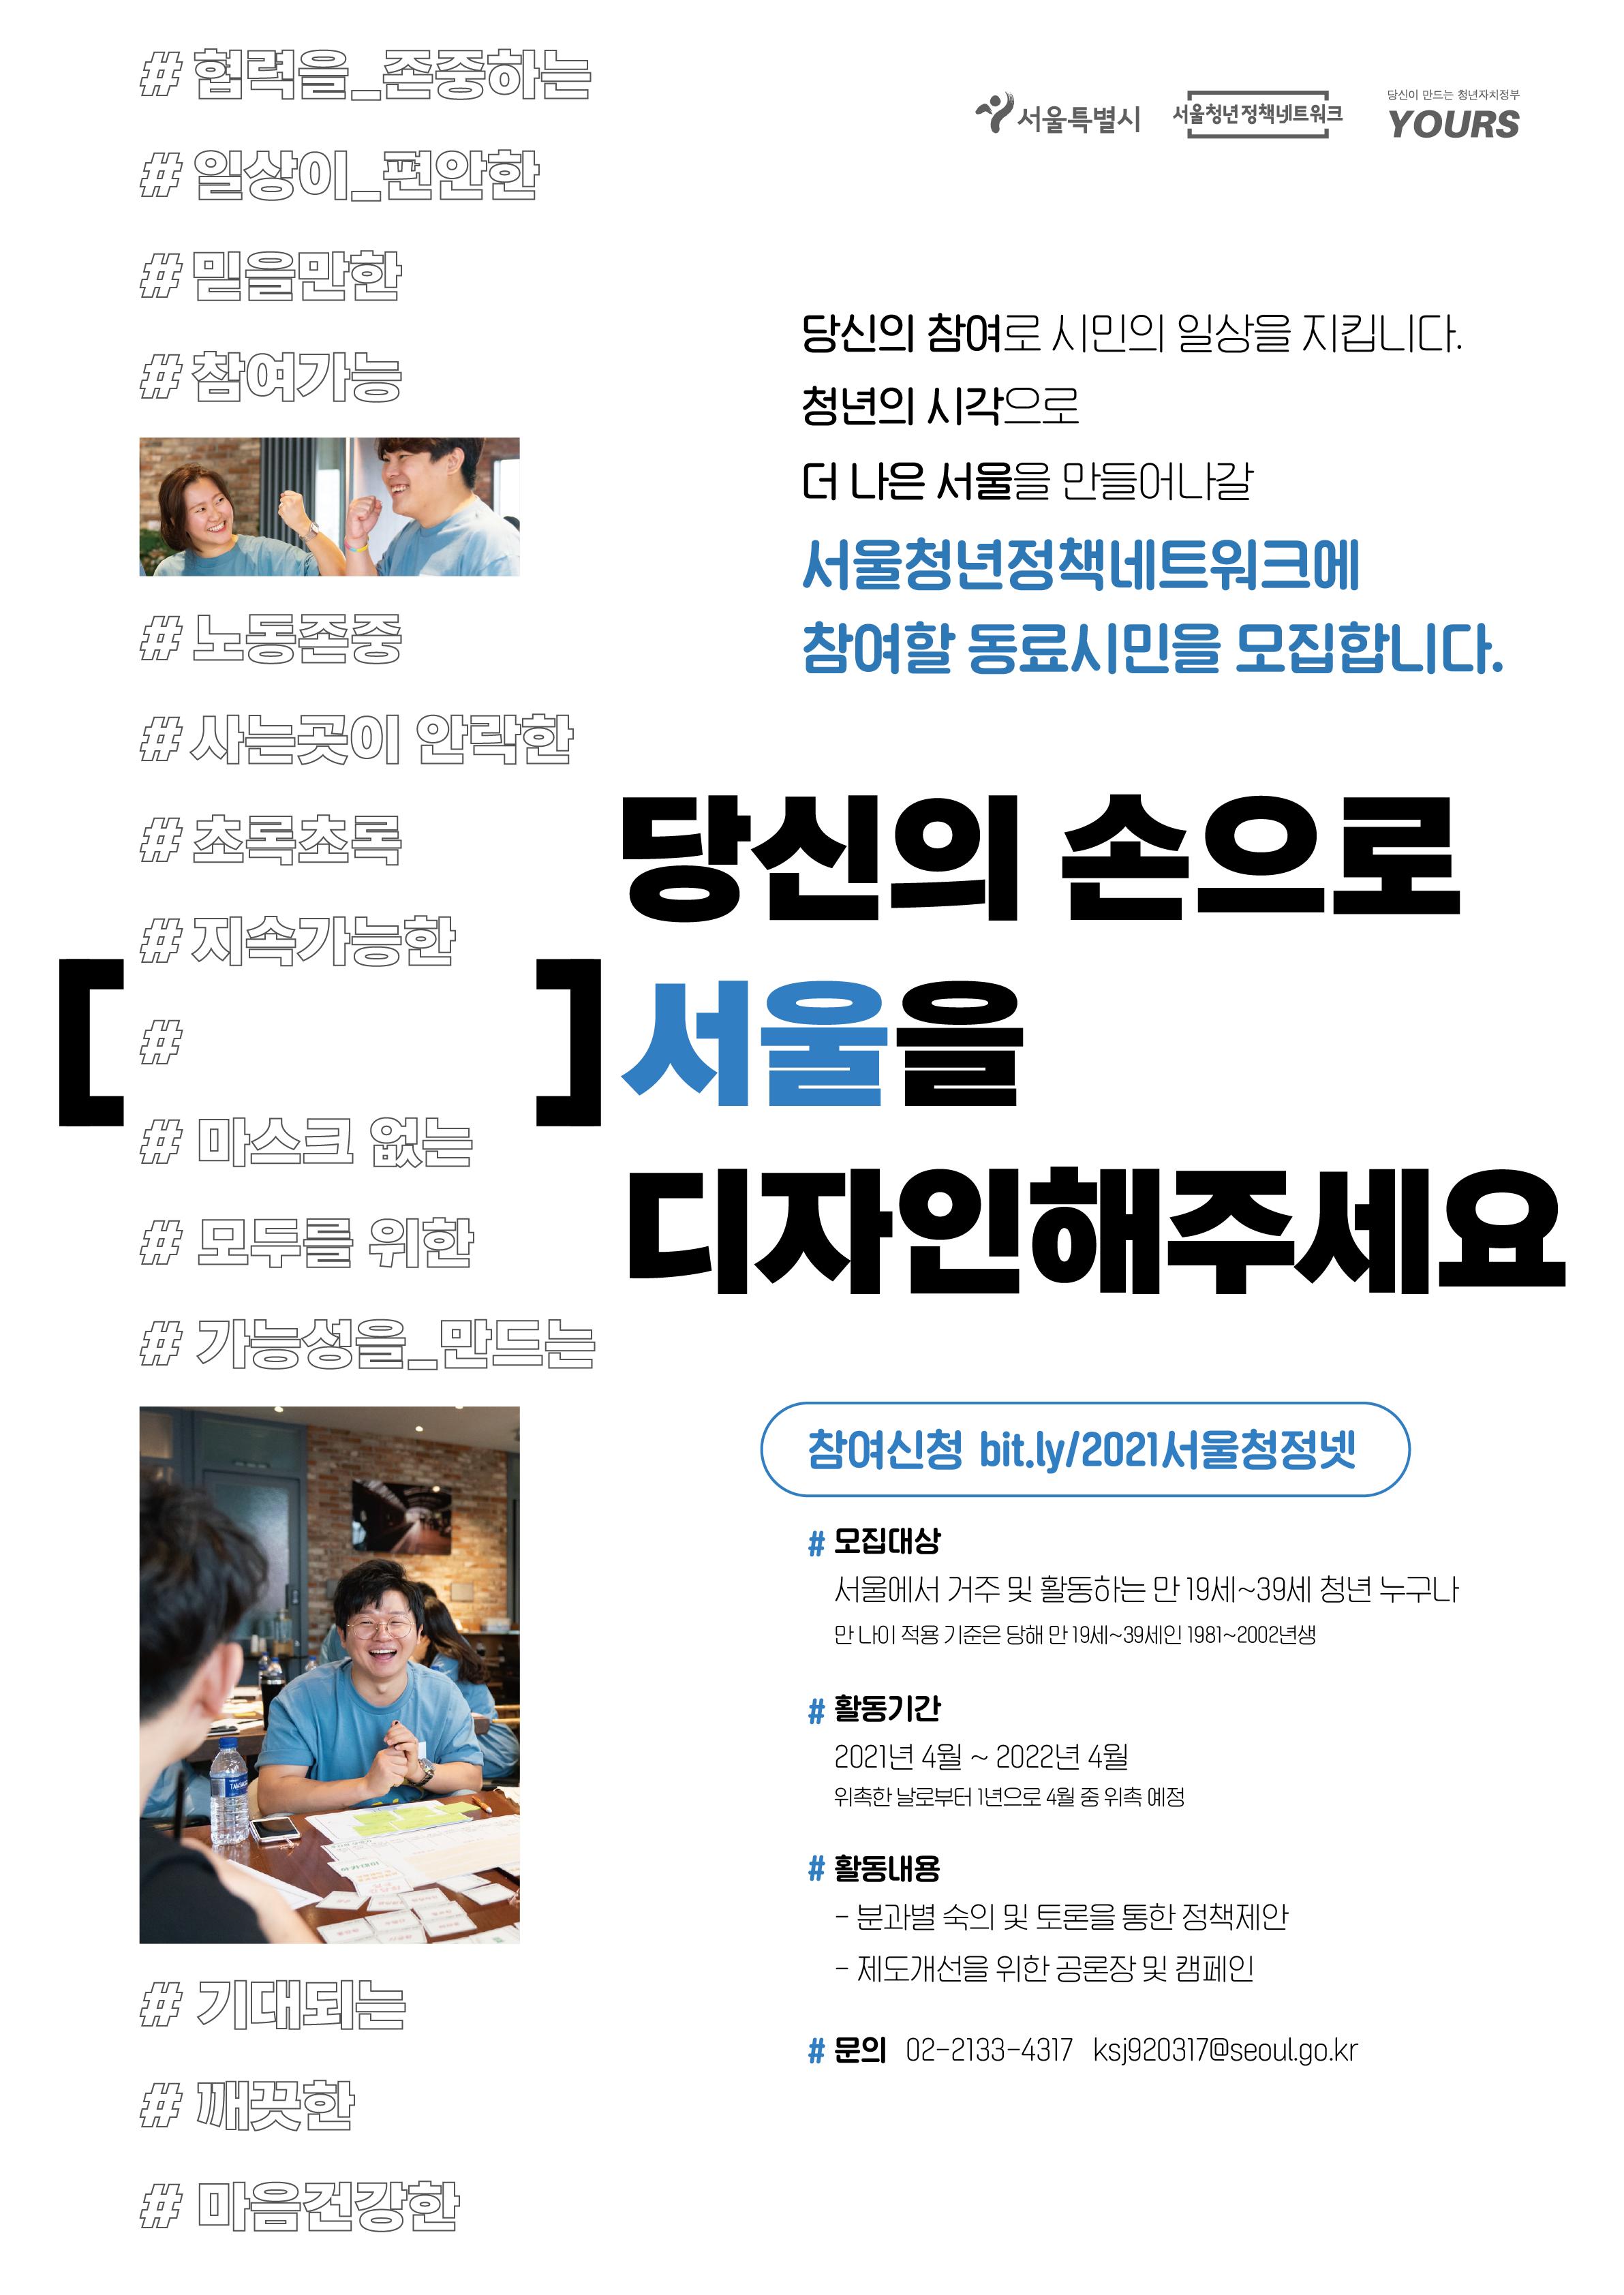 _서울청년정책네트워크 멤버 모집